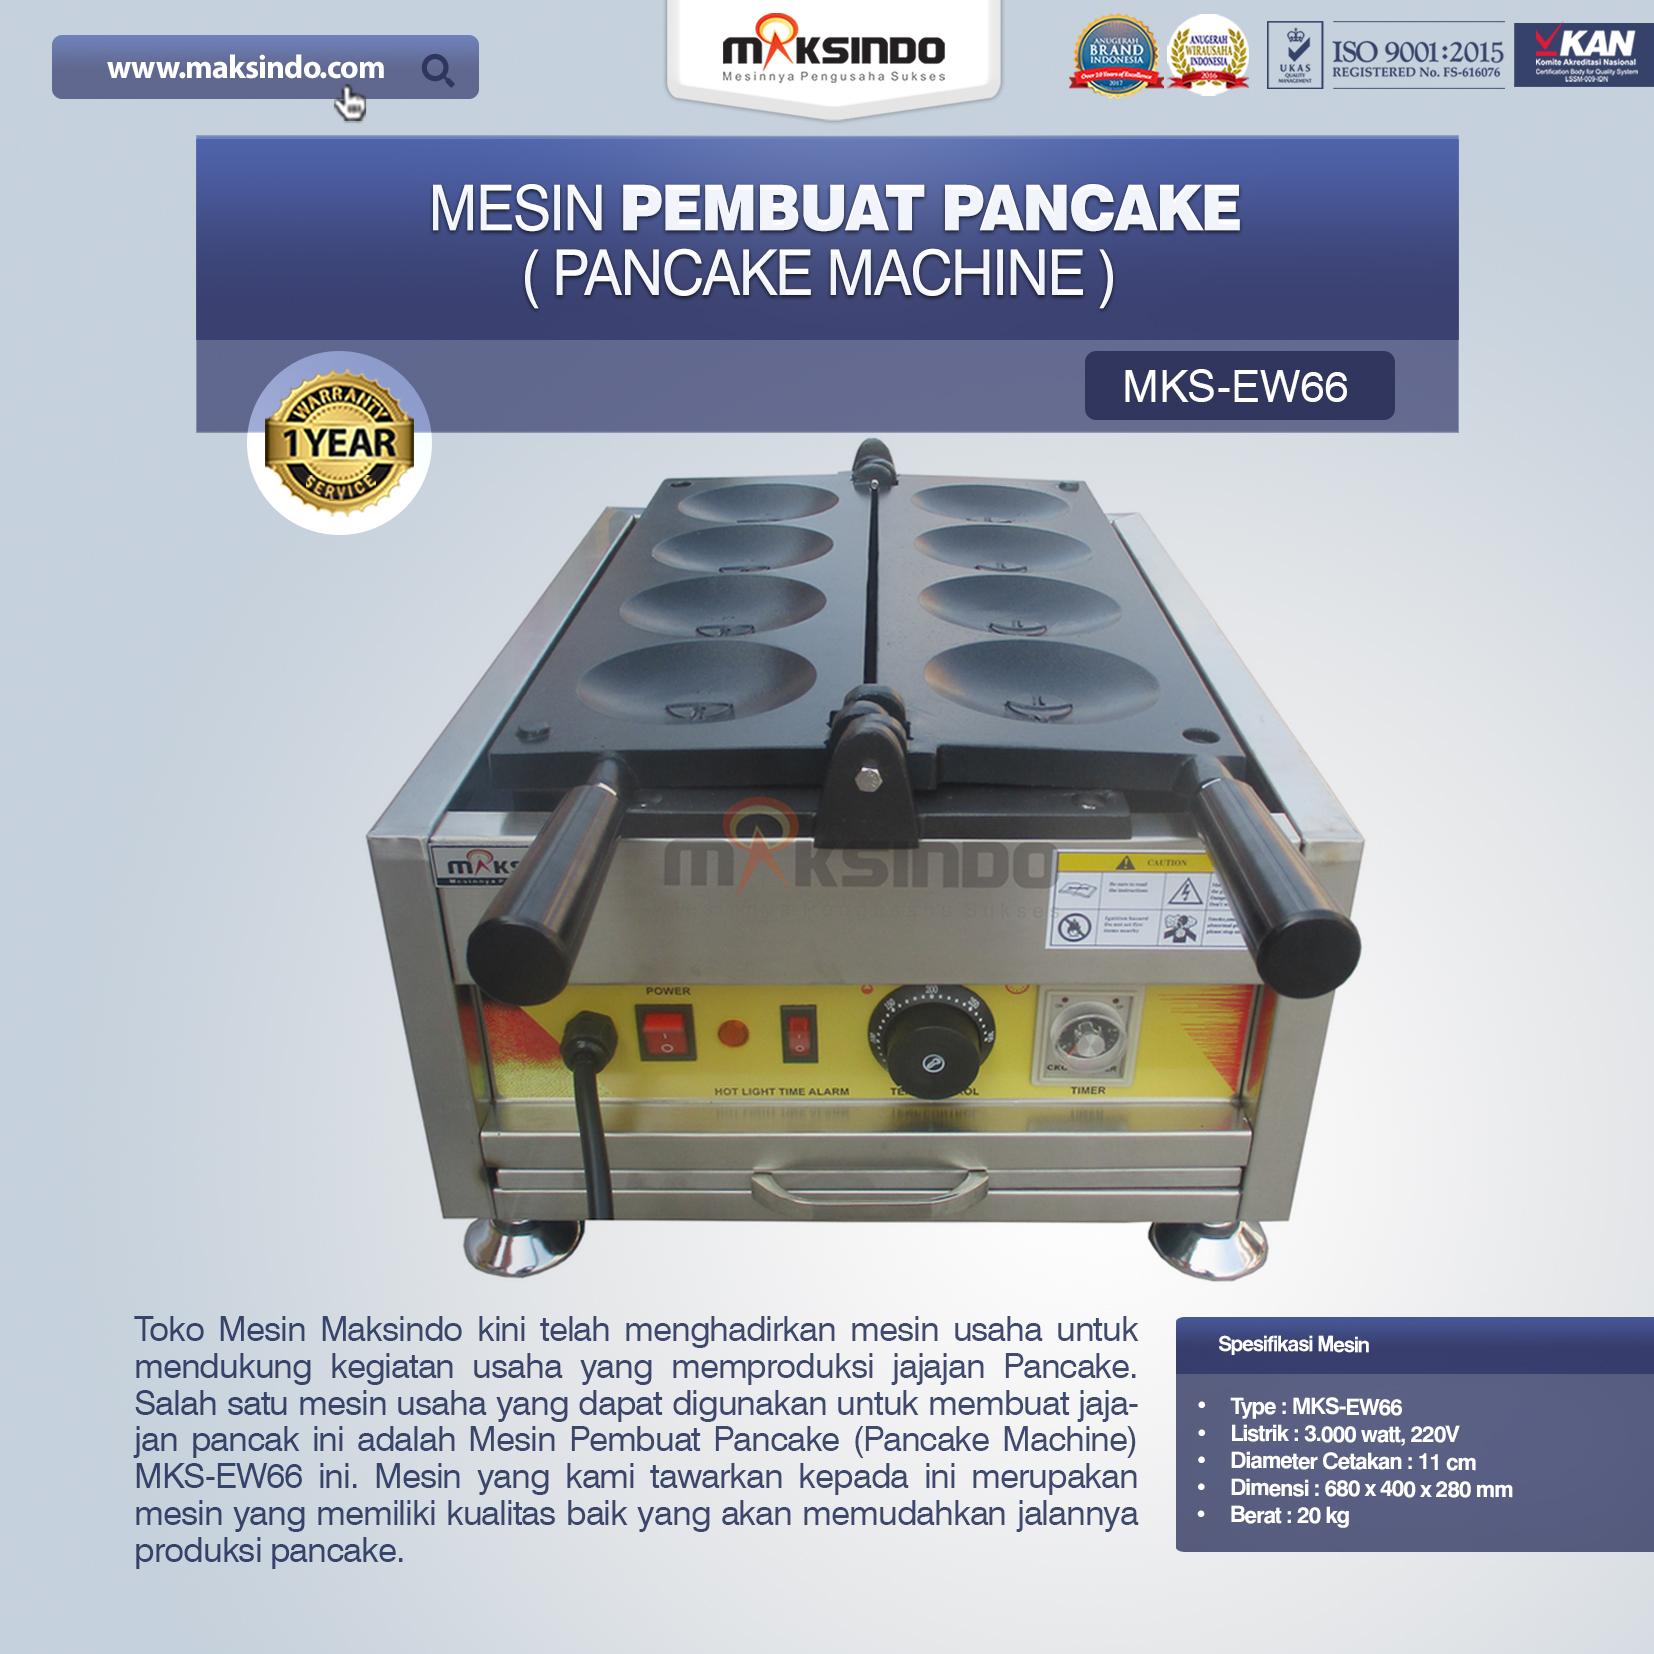 Jual Mesin Pembuat Pancake (Pancake Machine) MKS-EW66 di Bandung